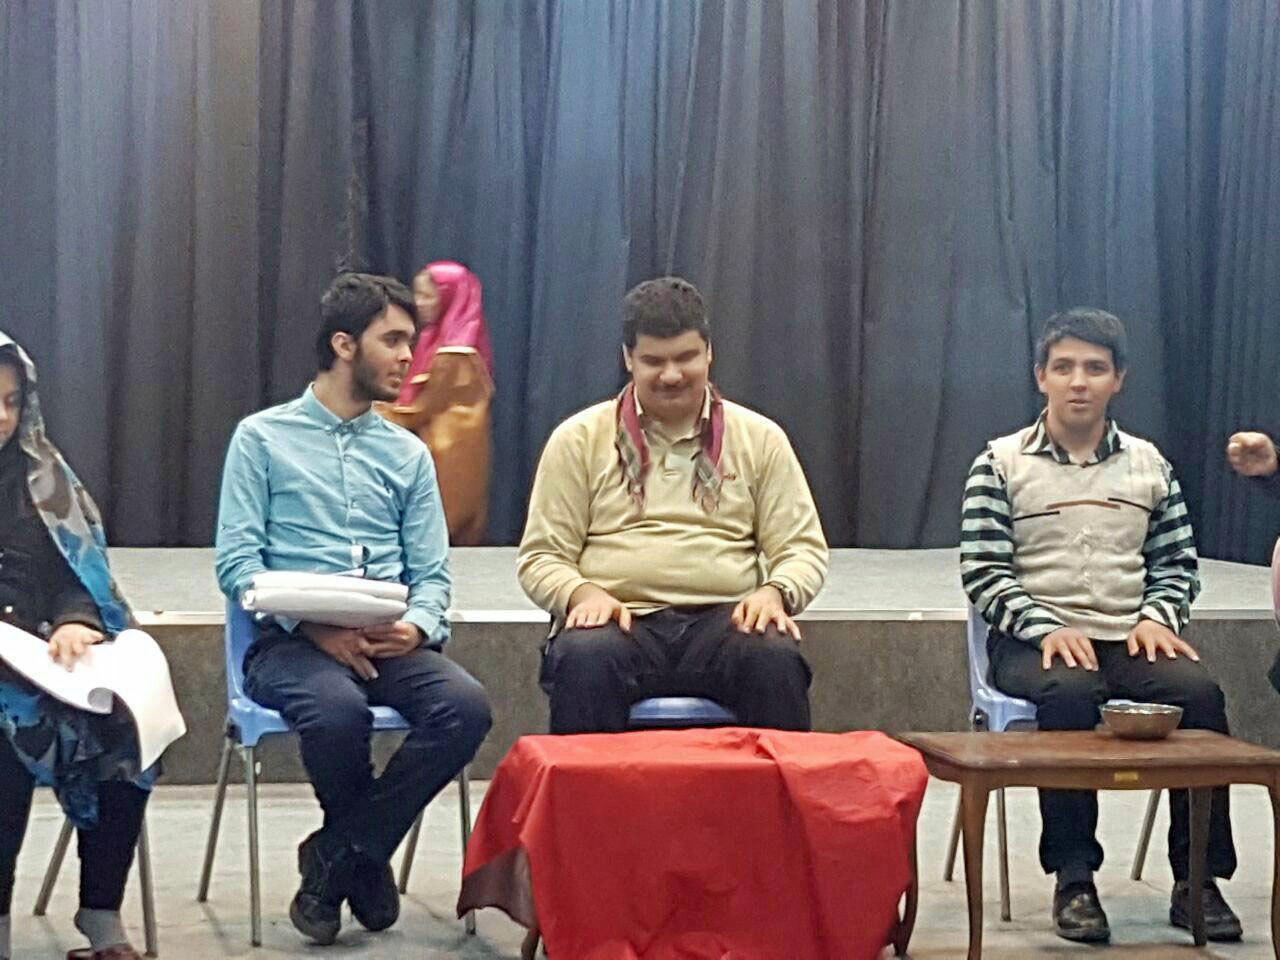 نابینایان آذربایجان شرقی برای نخستین بار بر روی صحنه تئاتر می روند